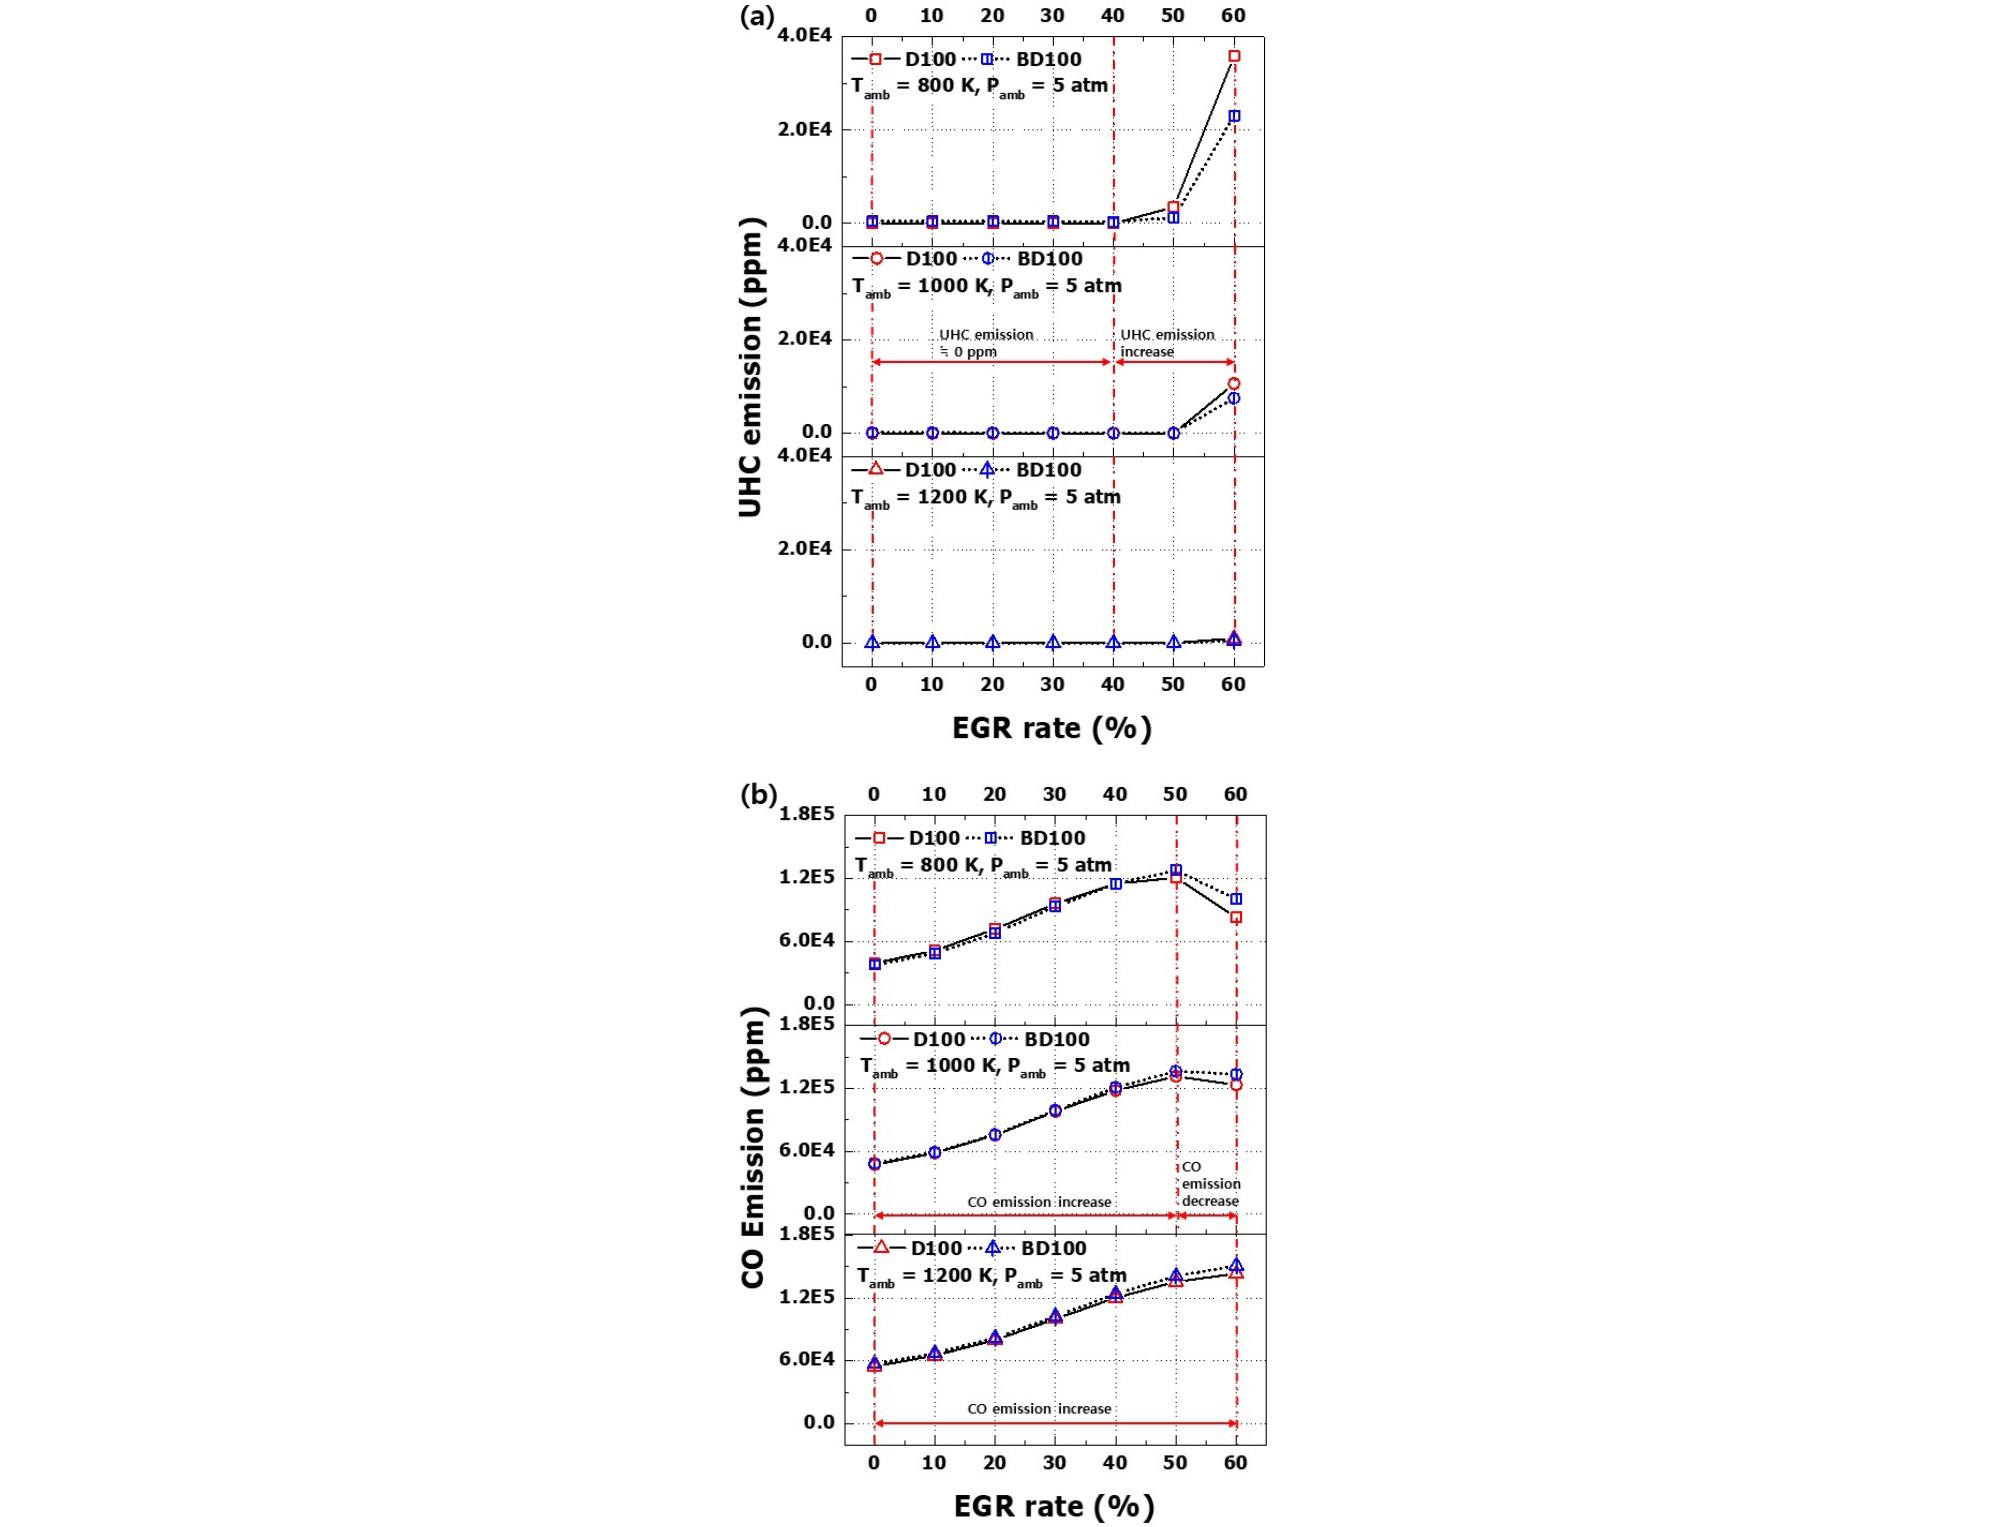 http://static.apub.kr/journalsite/sites/kosco/2020-025-03/N0590250305/images/kosco_25_03_05_F6.jpg